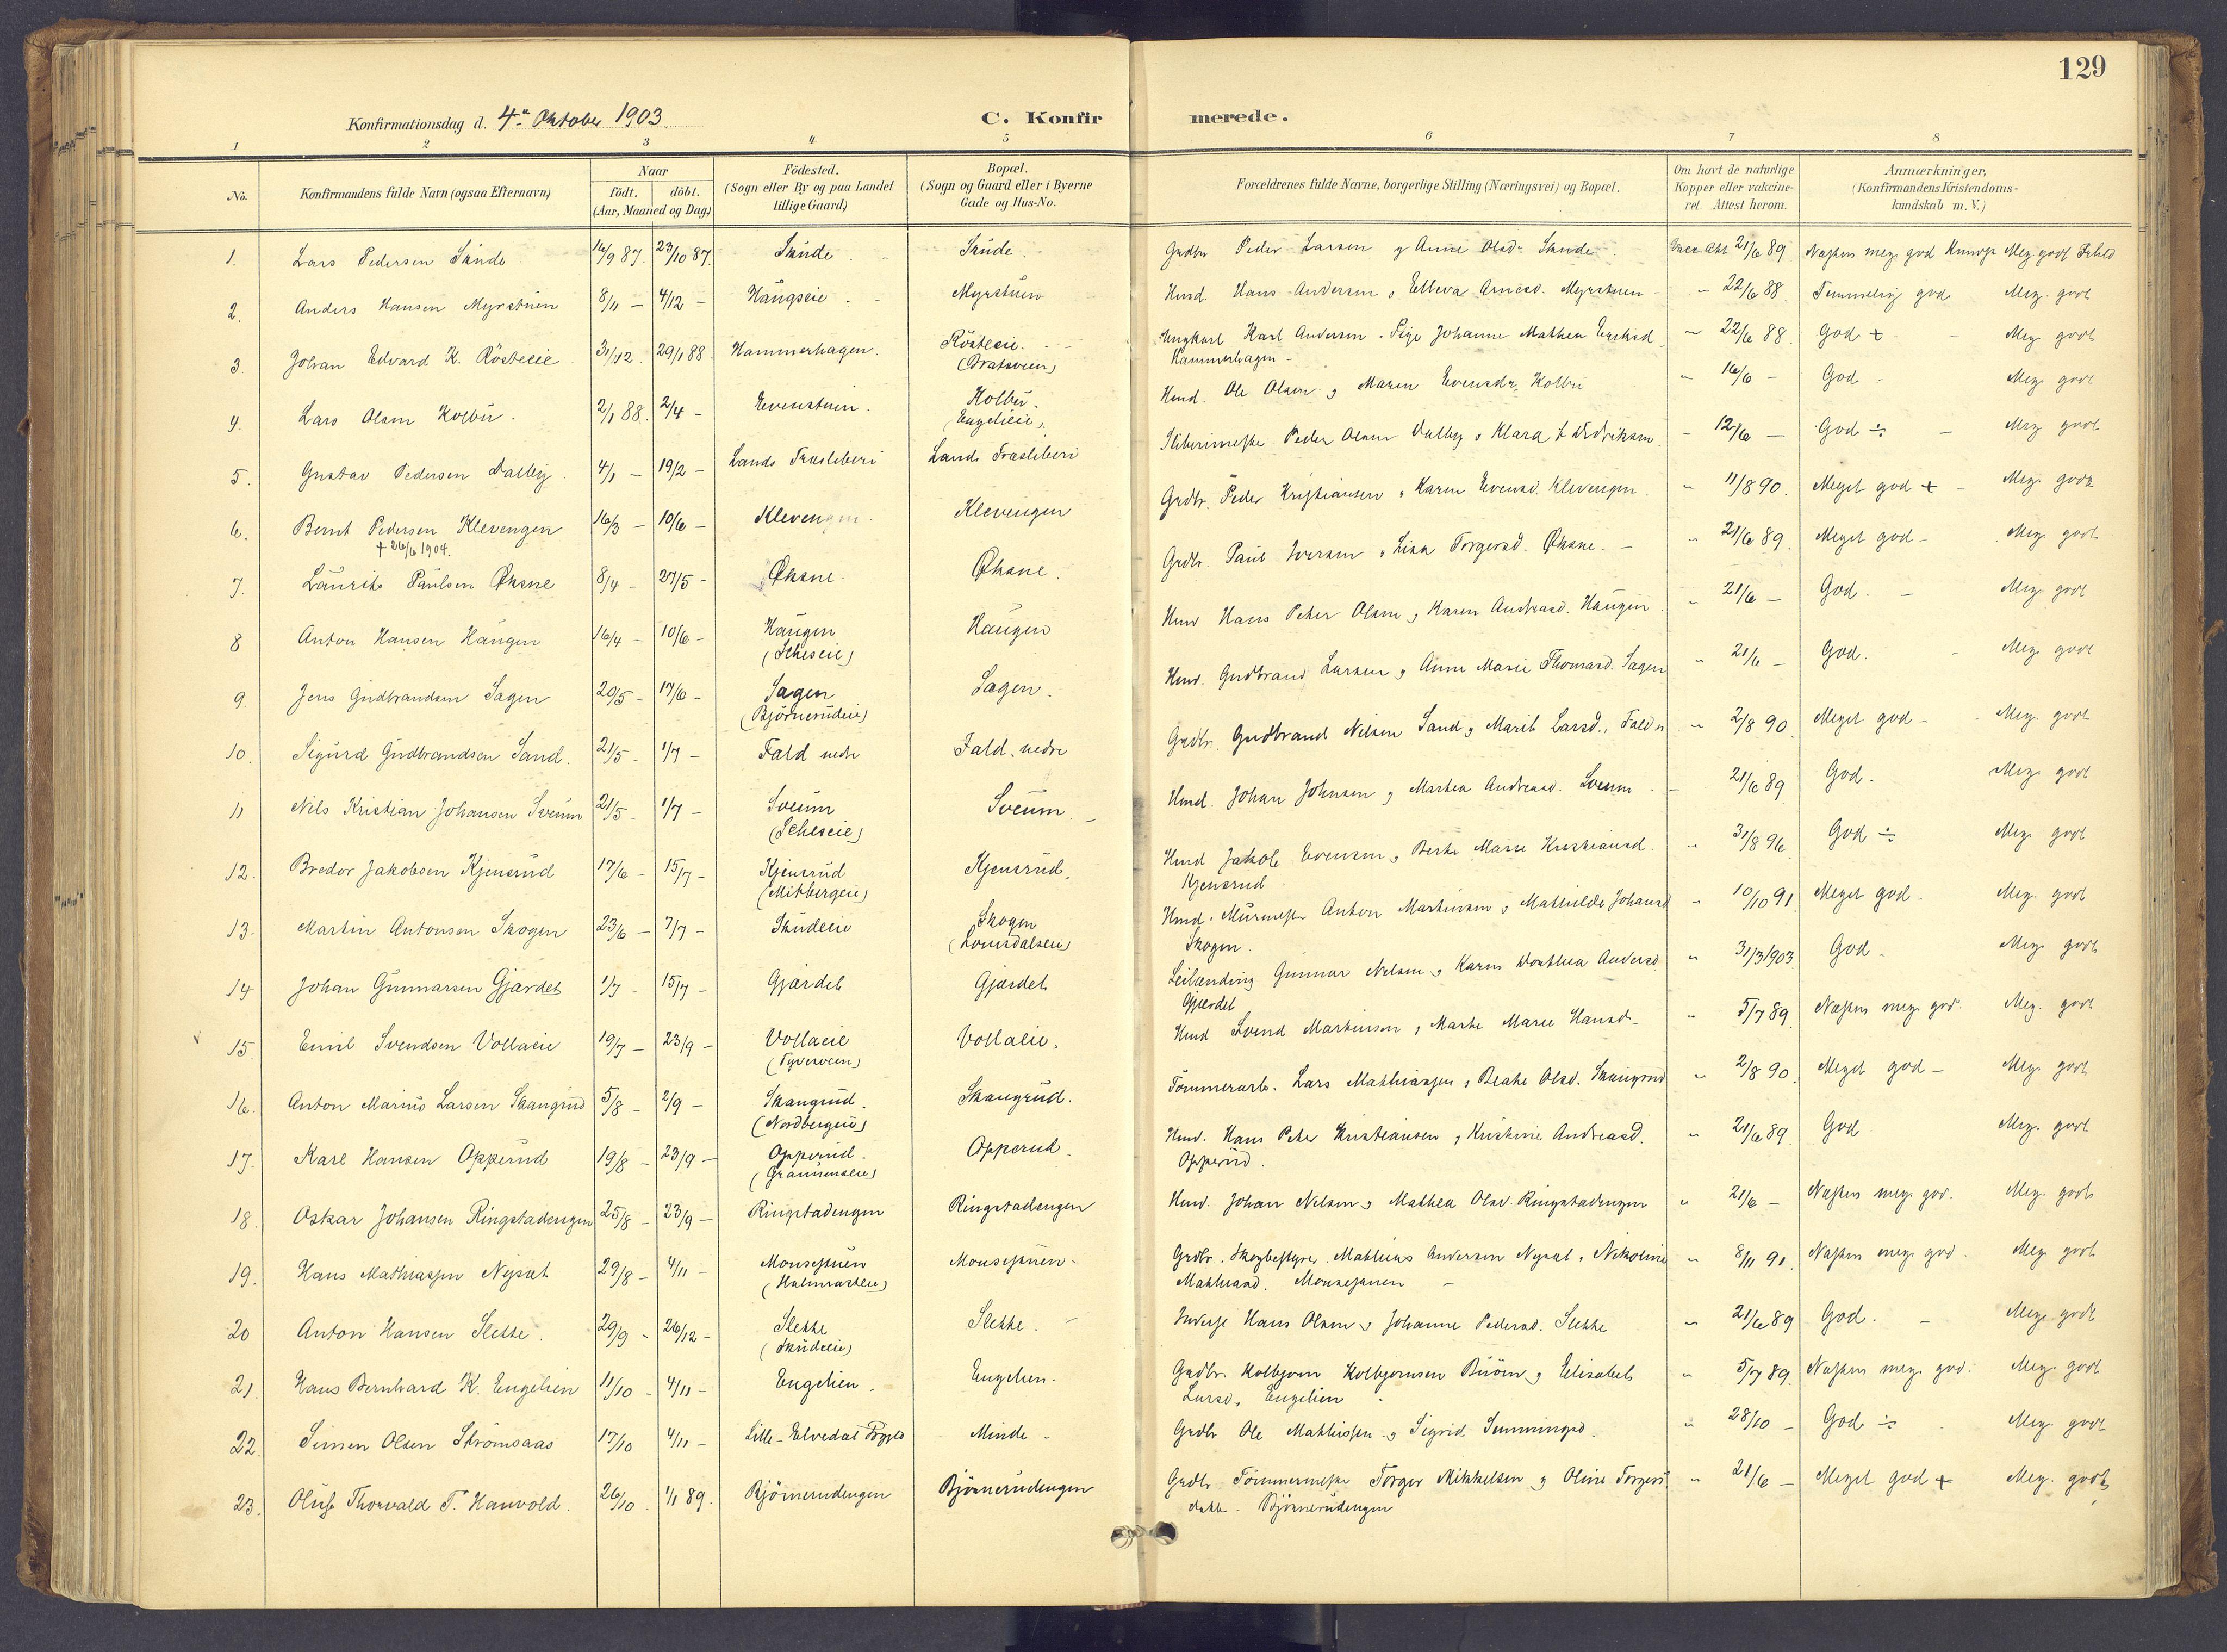 SAH, Søndre Land prestekontor, K/L0006: Parish register (official) no. 6, 1895-1904, p. 129